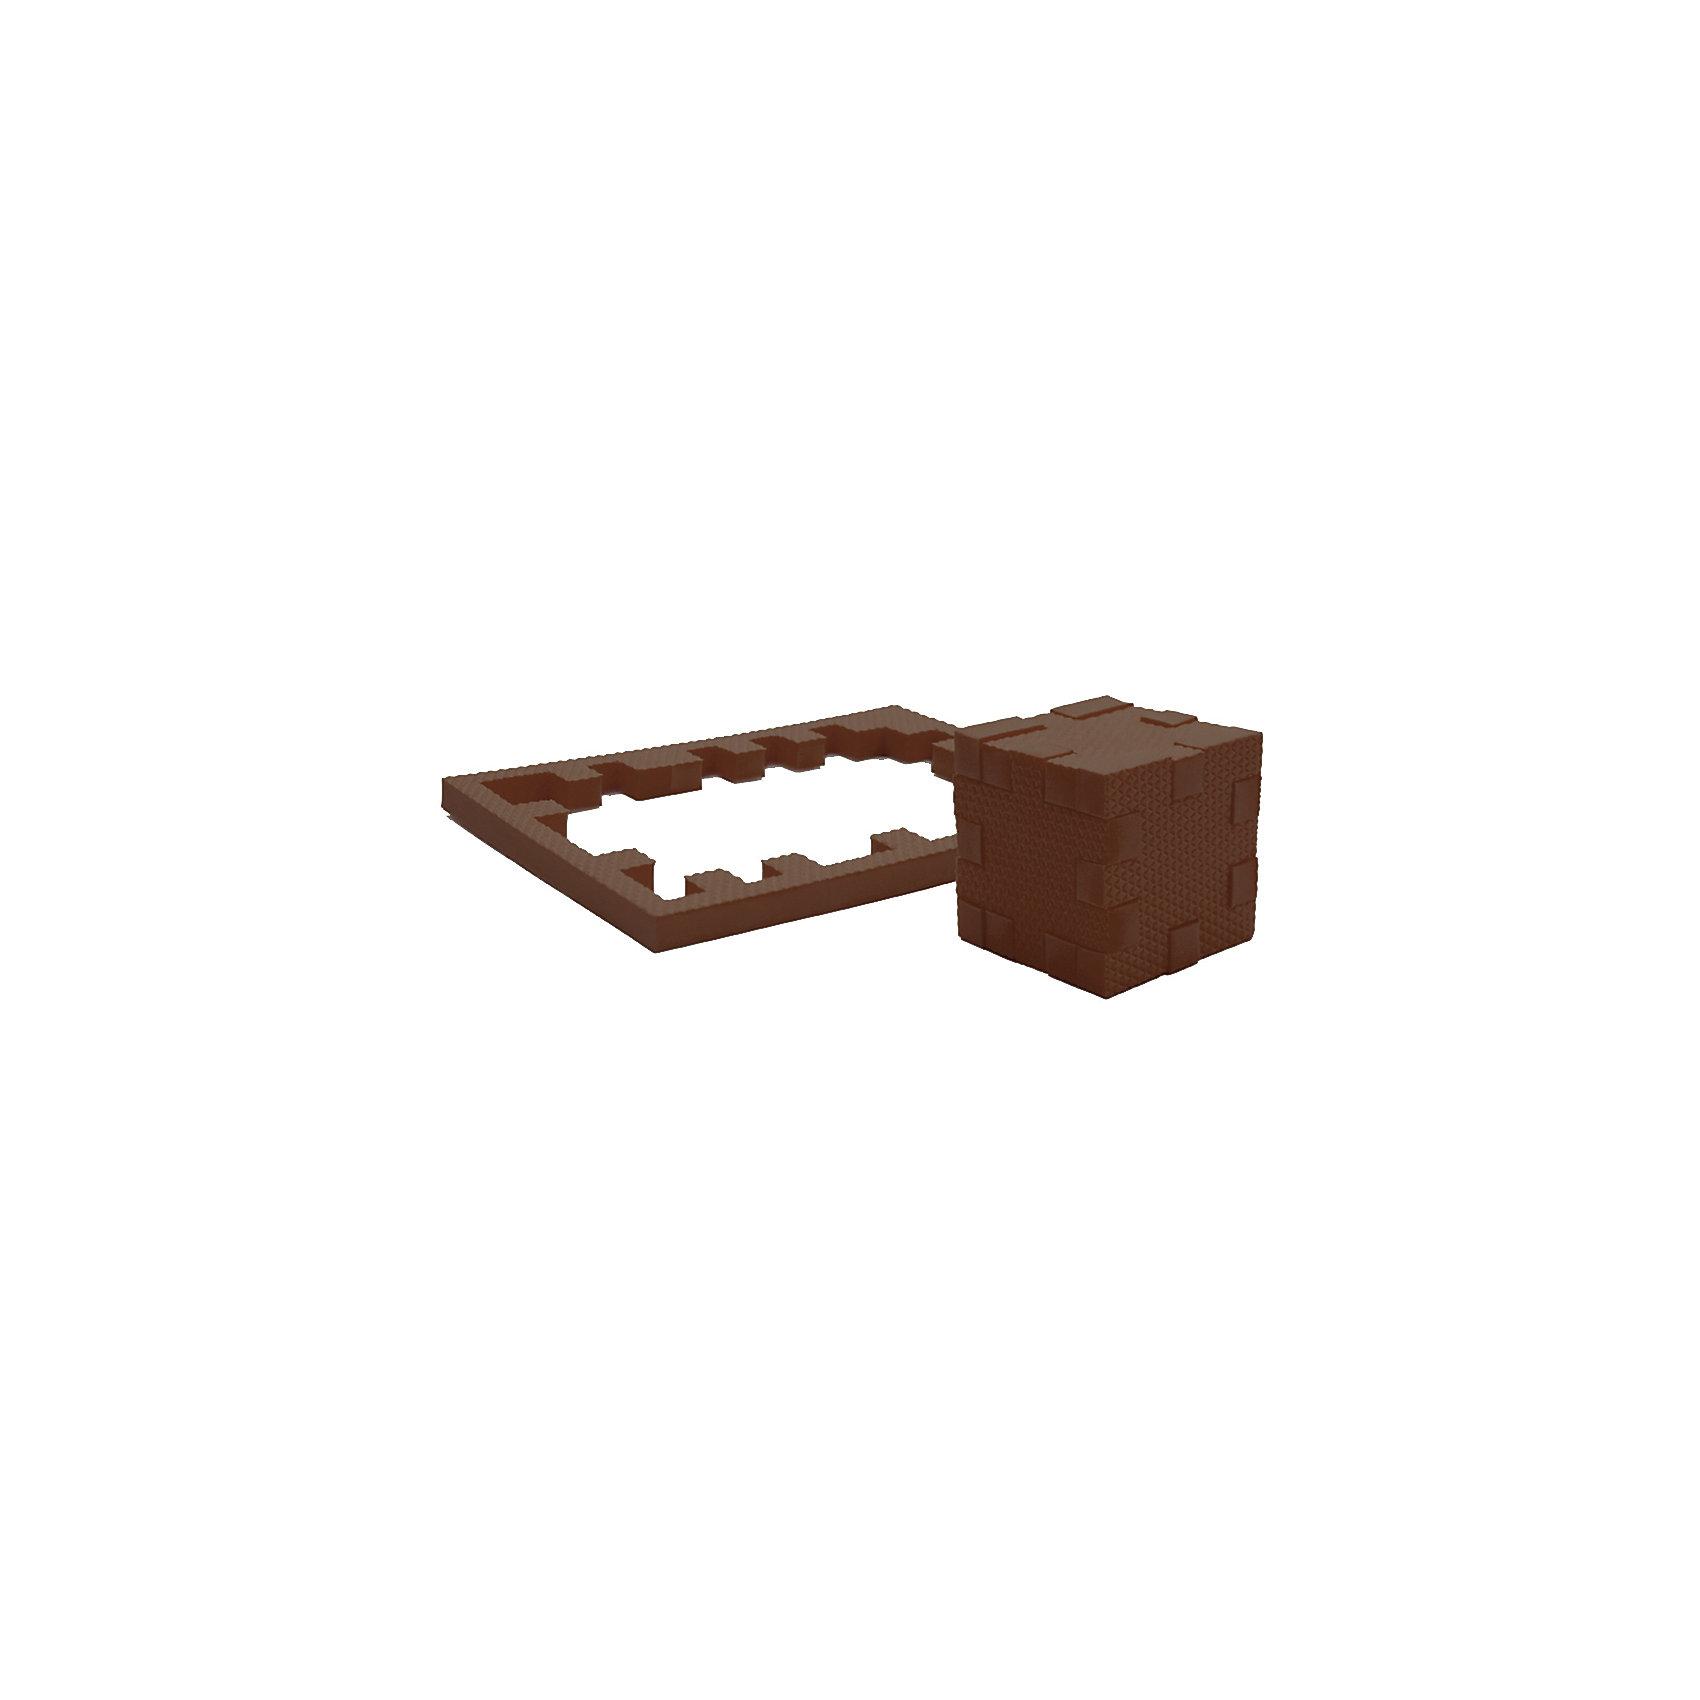 Пазл-конструктор Янтарь, PicnMixЯнтарь - уникальный пазл-конструктор из серии Кубикформ от PicnMix, который поможет развить логику, мелкую моторику и пространственное восприятие. Ребенок сможет собрать пазл, кубик и различные геометрические фигуры. Для начала можно следовать инструкции, а узнав, как устроен чудо-пазл, придумать свои собственные творения. Кроме того, с конструктором Янтарь можно смело играть в воде. <br>Пазл-конструктор Янтарь - замечательный подарок для юных строителей!<br><br>Дополнительная информация:<br>Цвет: оранжевый<br>Материал: ЭВА(вспененный полимер)<br>Размер упаковки: 21,5х1,5х15,5 см<br>Вес: 45 грамм<br><br>Пазл-конструктор Янтарь от PicnMix можно приобрести в нашем интернет-магазине.<br><br>Ширина мм: 215<br>Глубина мм: 15<br>Высота мм: 160<br>Вес г: 50<br>Возраст от месяцев: 36<br>Возраст до месяцев: 60<br>Пол: Унисекс<br>Возраст: Детский<br>SKU: 5008784